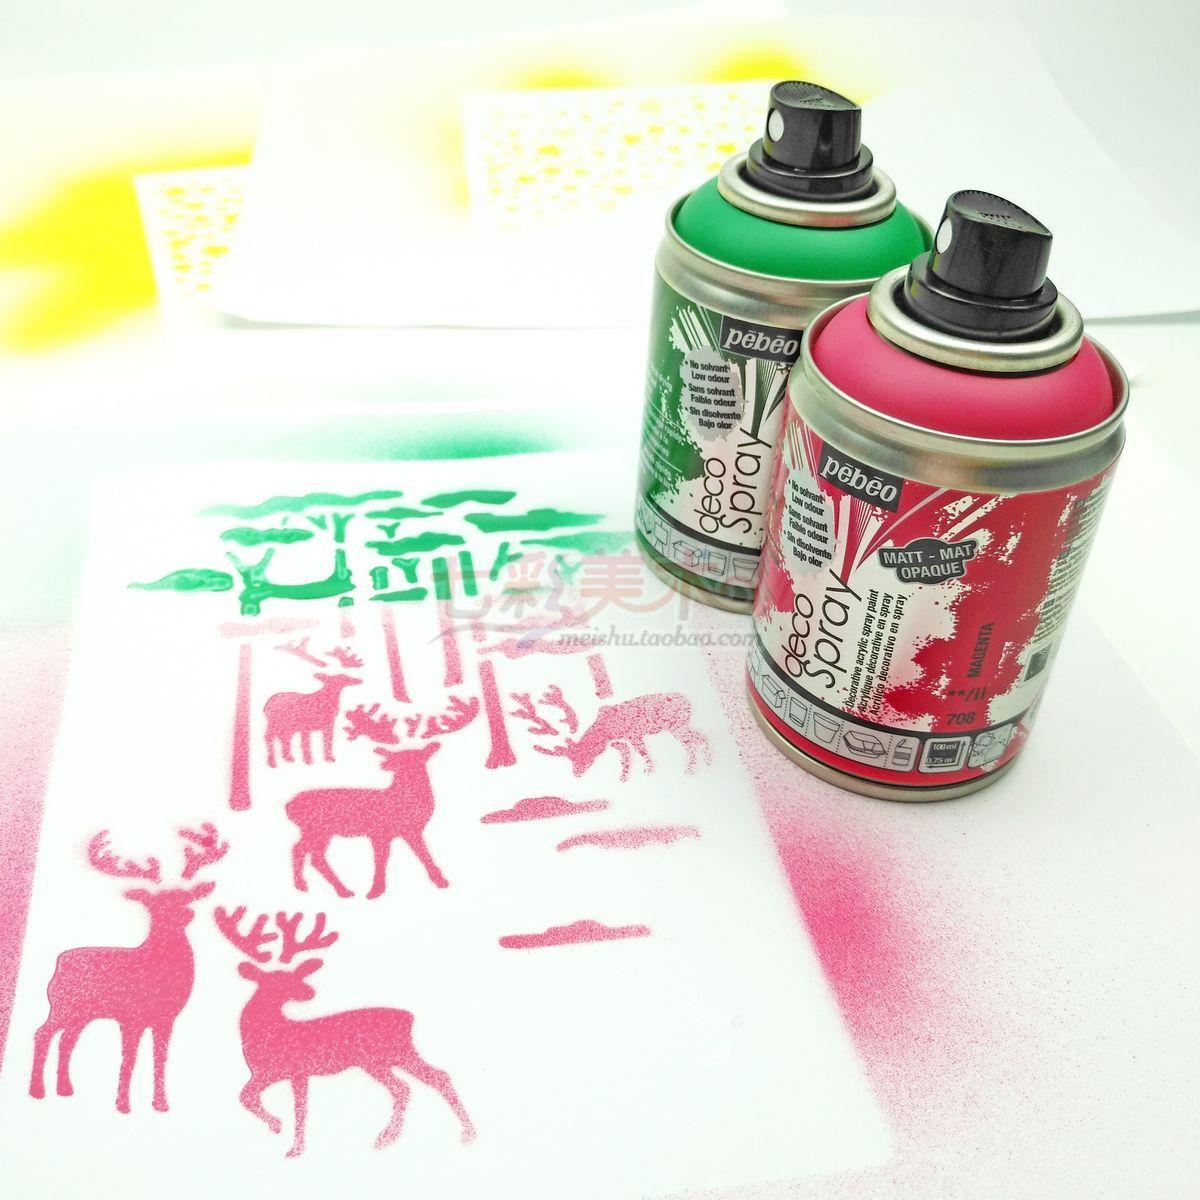 法国贝碧欧DIY涂鸦喷绘墙丙烯装饰颜料进口喷雾罐100ml/200ml包邮